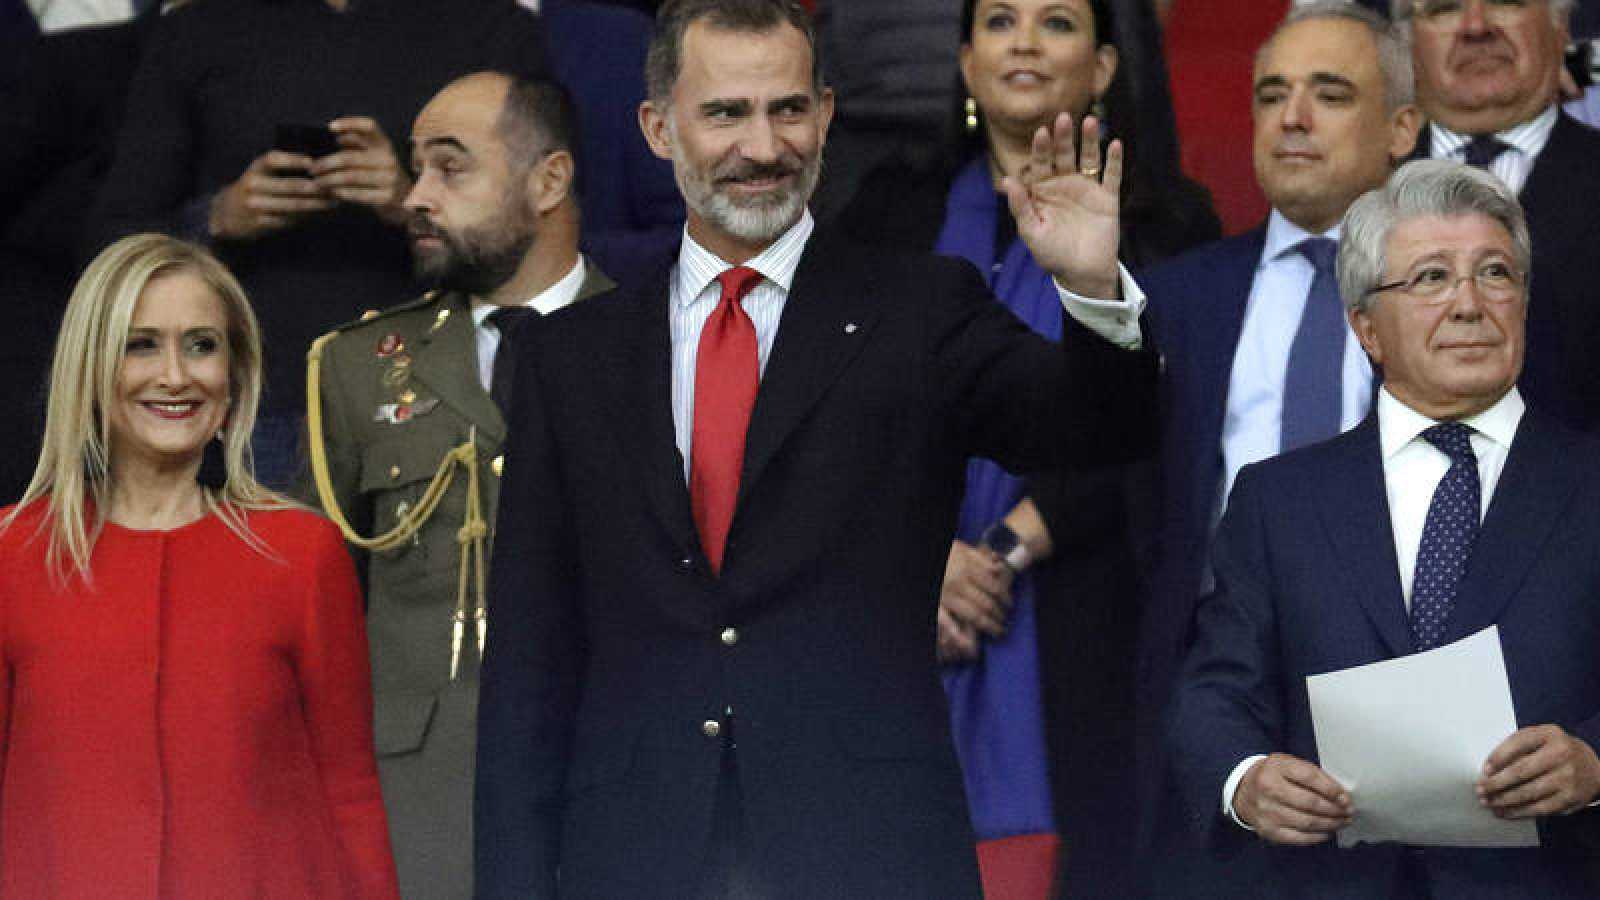 El rey Felipe junto a la presidenta de la Comunidad de Madrid, Cristina Cifuentes y el presidente del equipo rojiblanco, Enrique Cerezo, en la inauguración del Metropolitano.